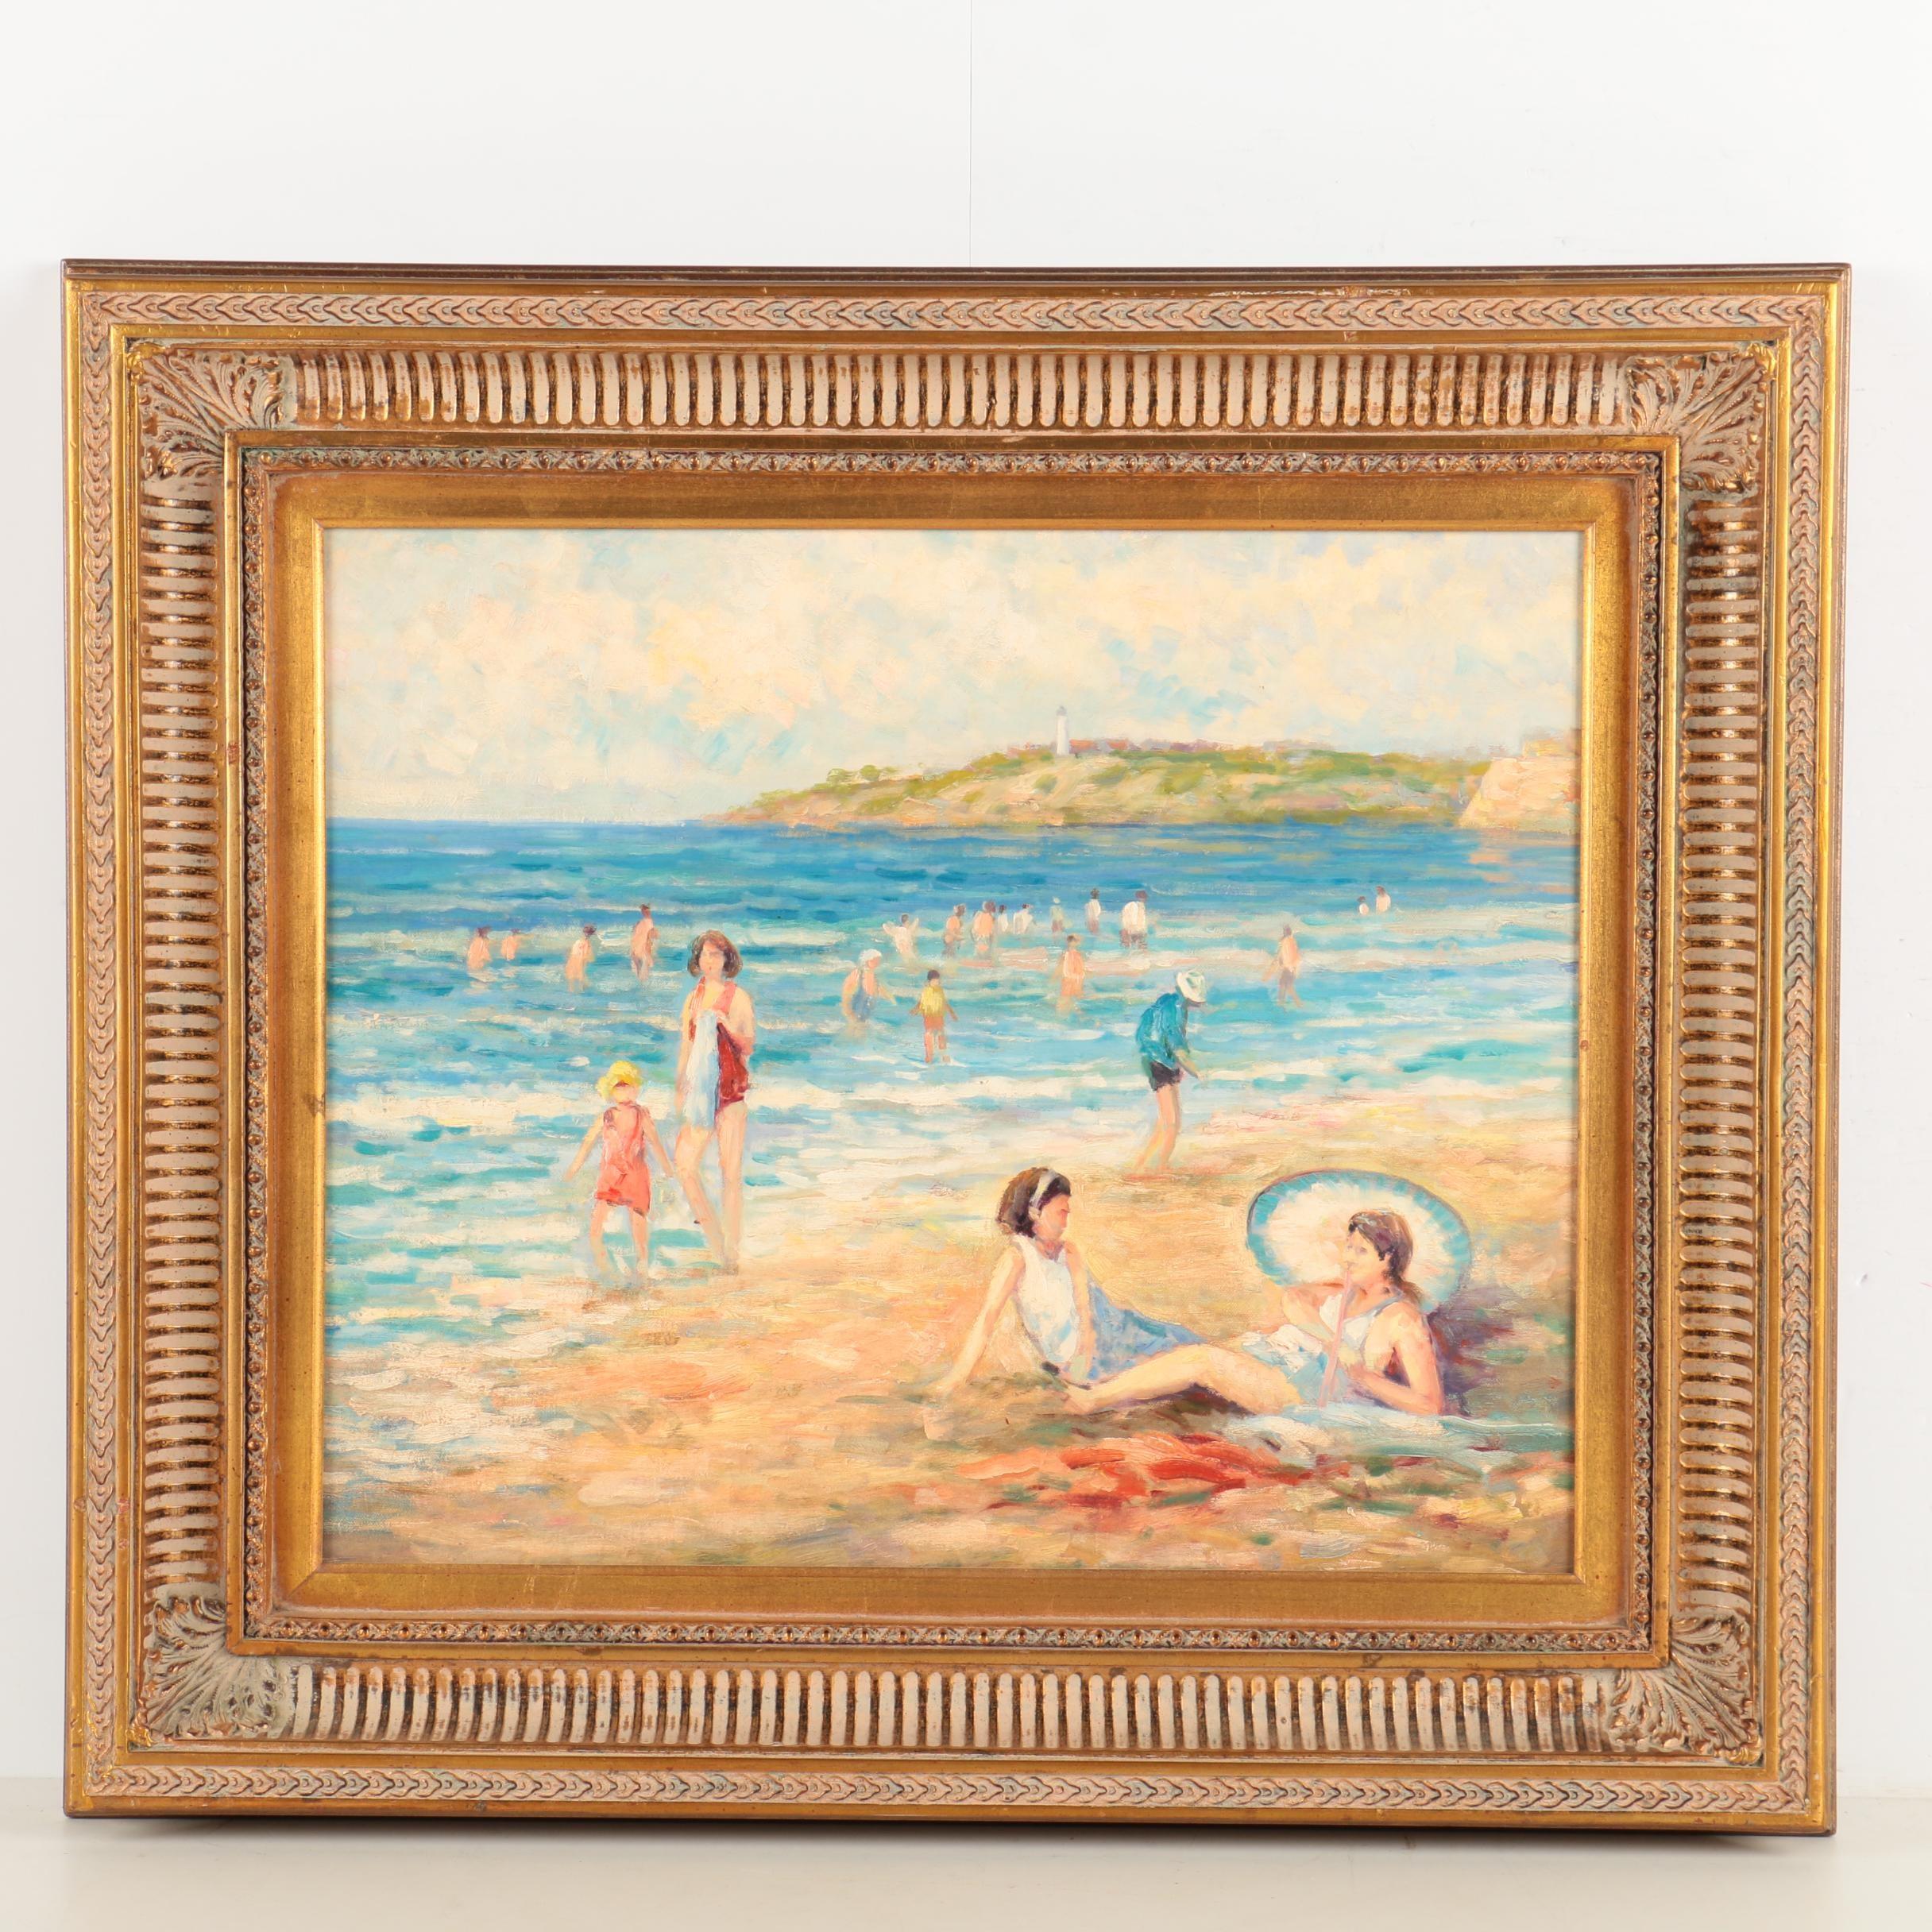 Oil Painting on Canvas of Mid Century Beach Scene